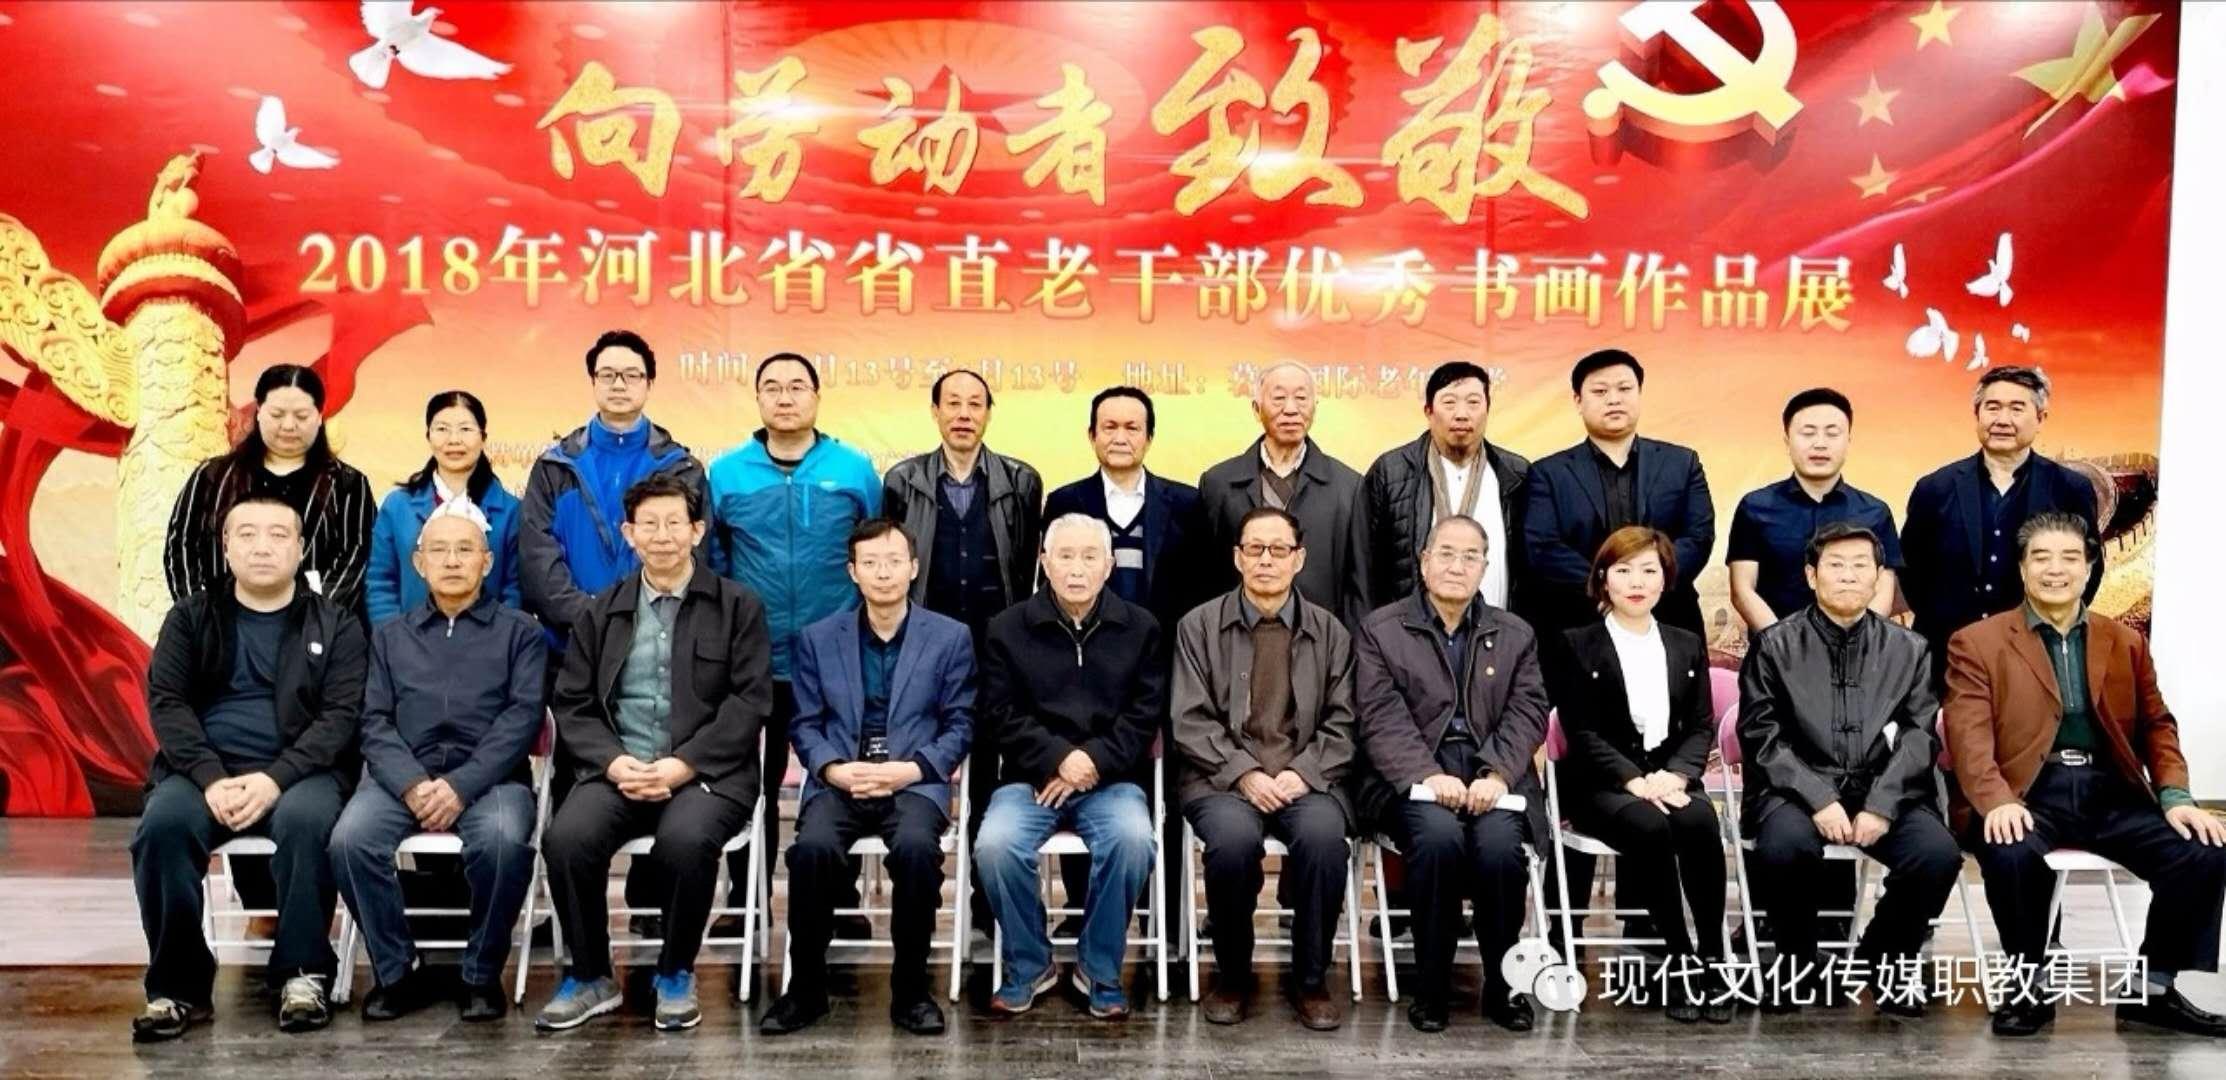 2018河北省省直老干部优秀书画作品展—向劳动者致敬